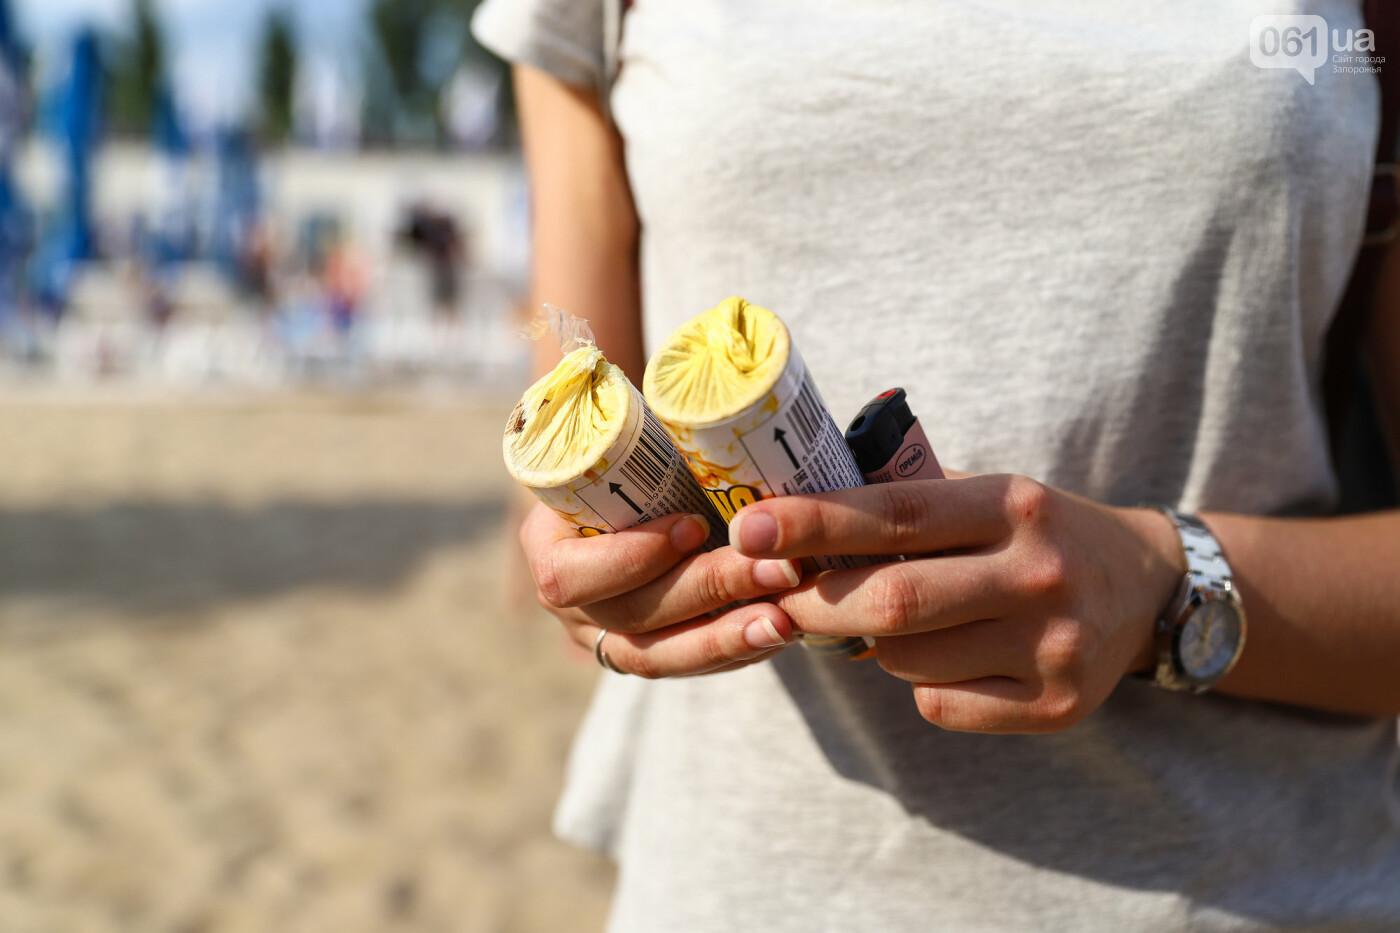 На пляже в Запорожье зажгли желто-синие дымовые шашки и установили рекорд Украины, - ФОТОРЕПОРТАЖ, фото-11